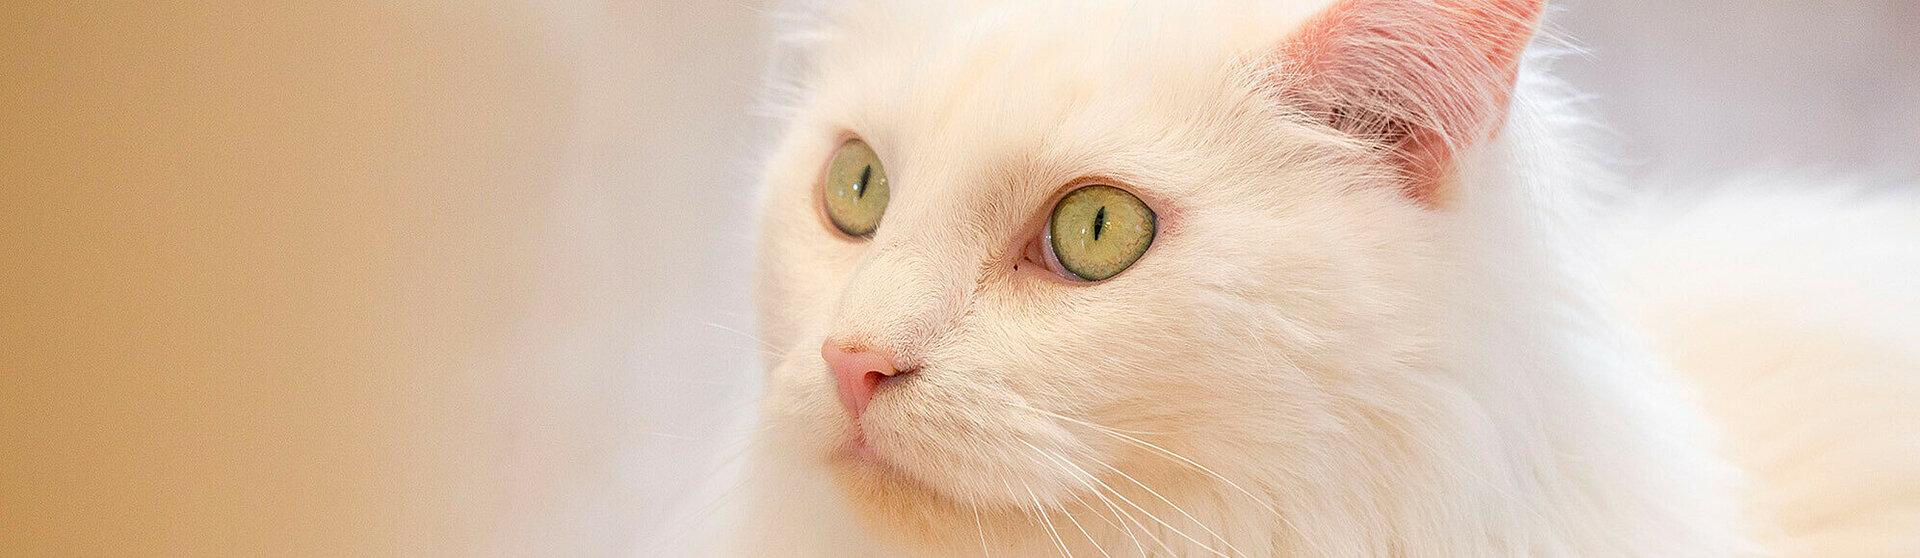 Eine Katze die an einer Bindehautentzündung erkrankt ist.